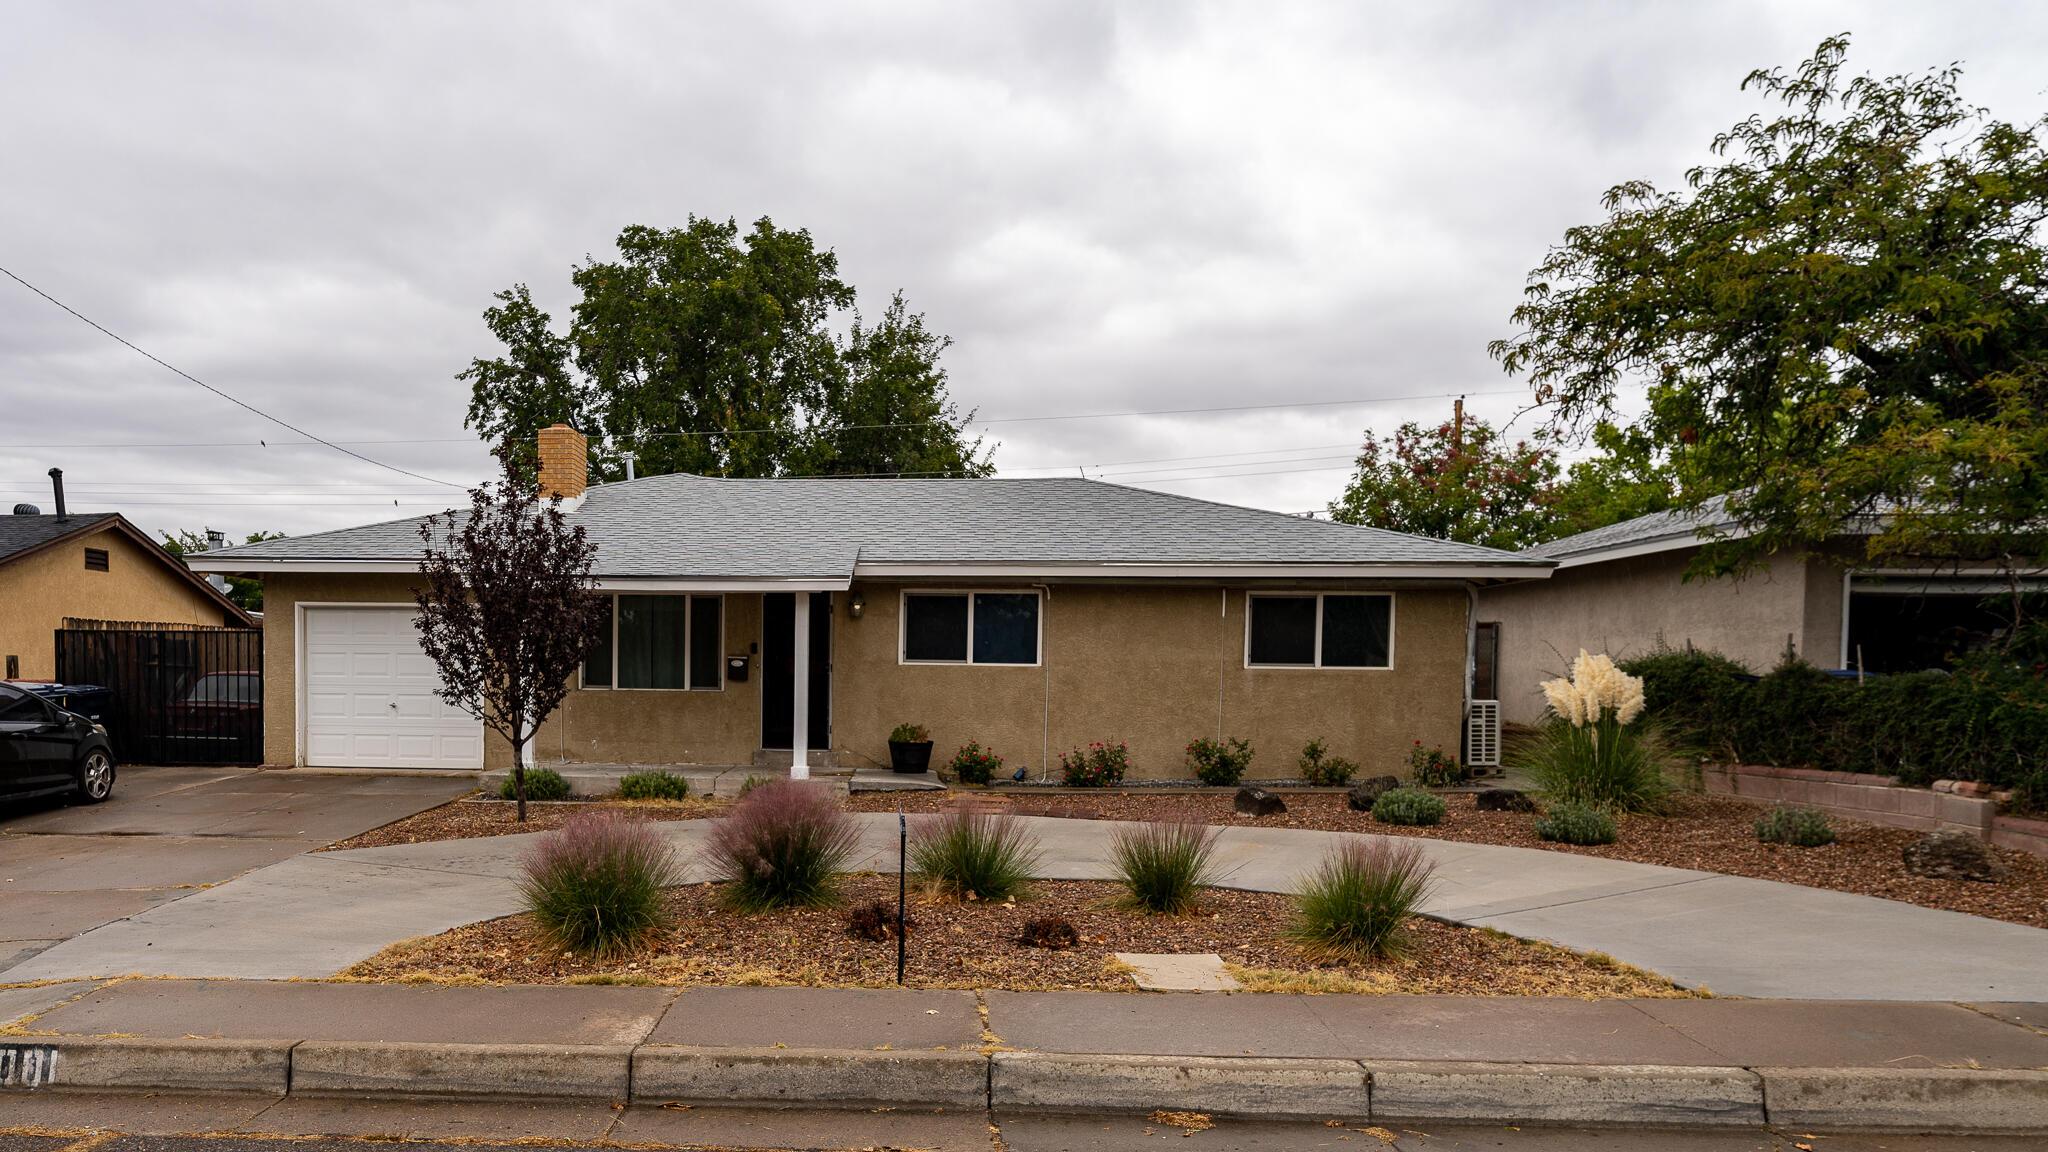 6001 ALTA MONTE Avenue, Albuquerque NM 87110